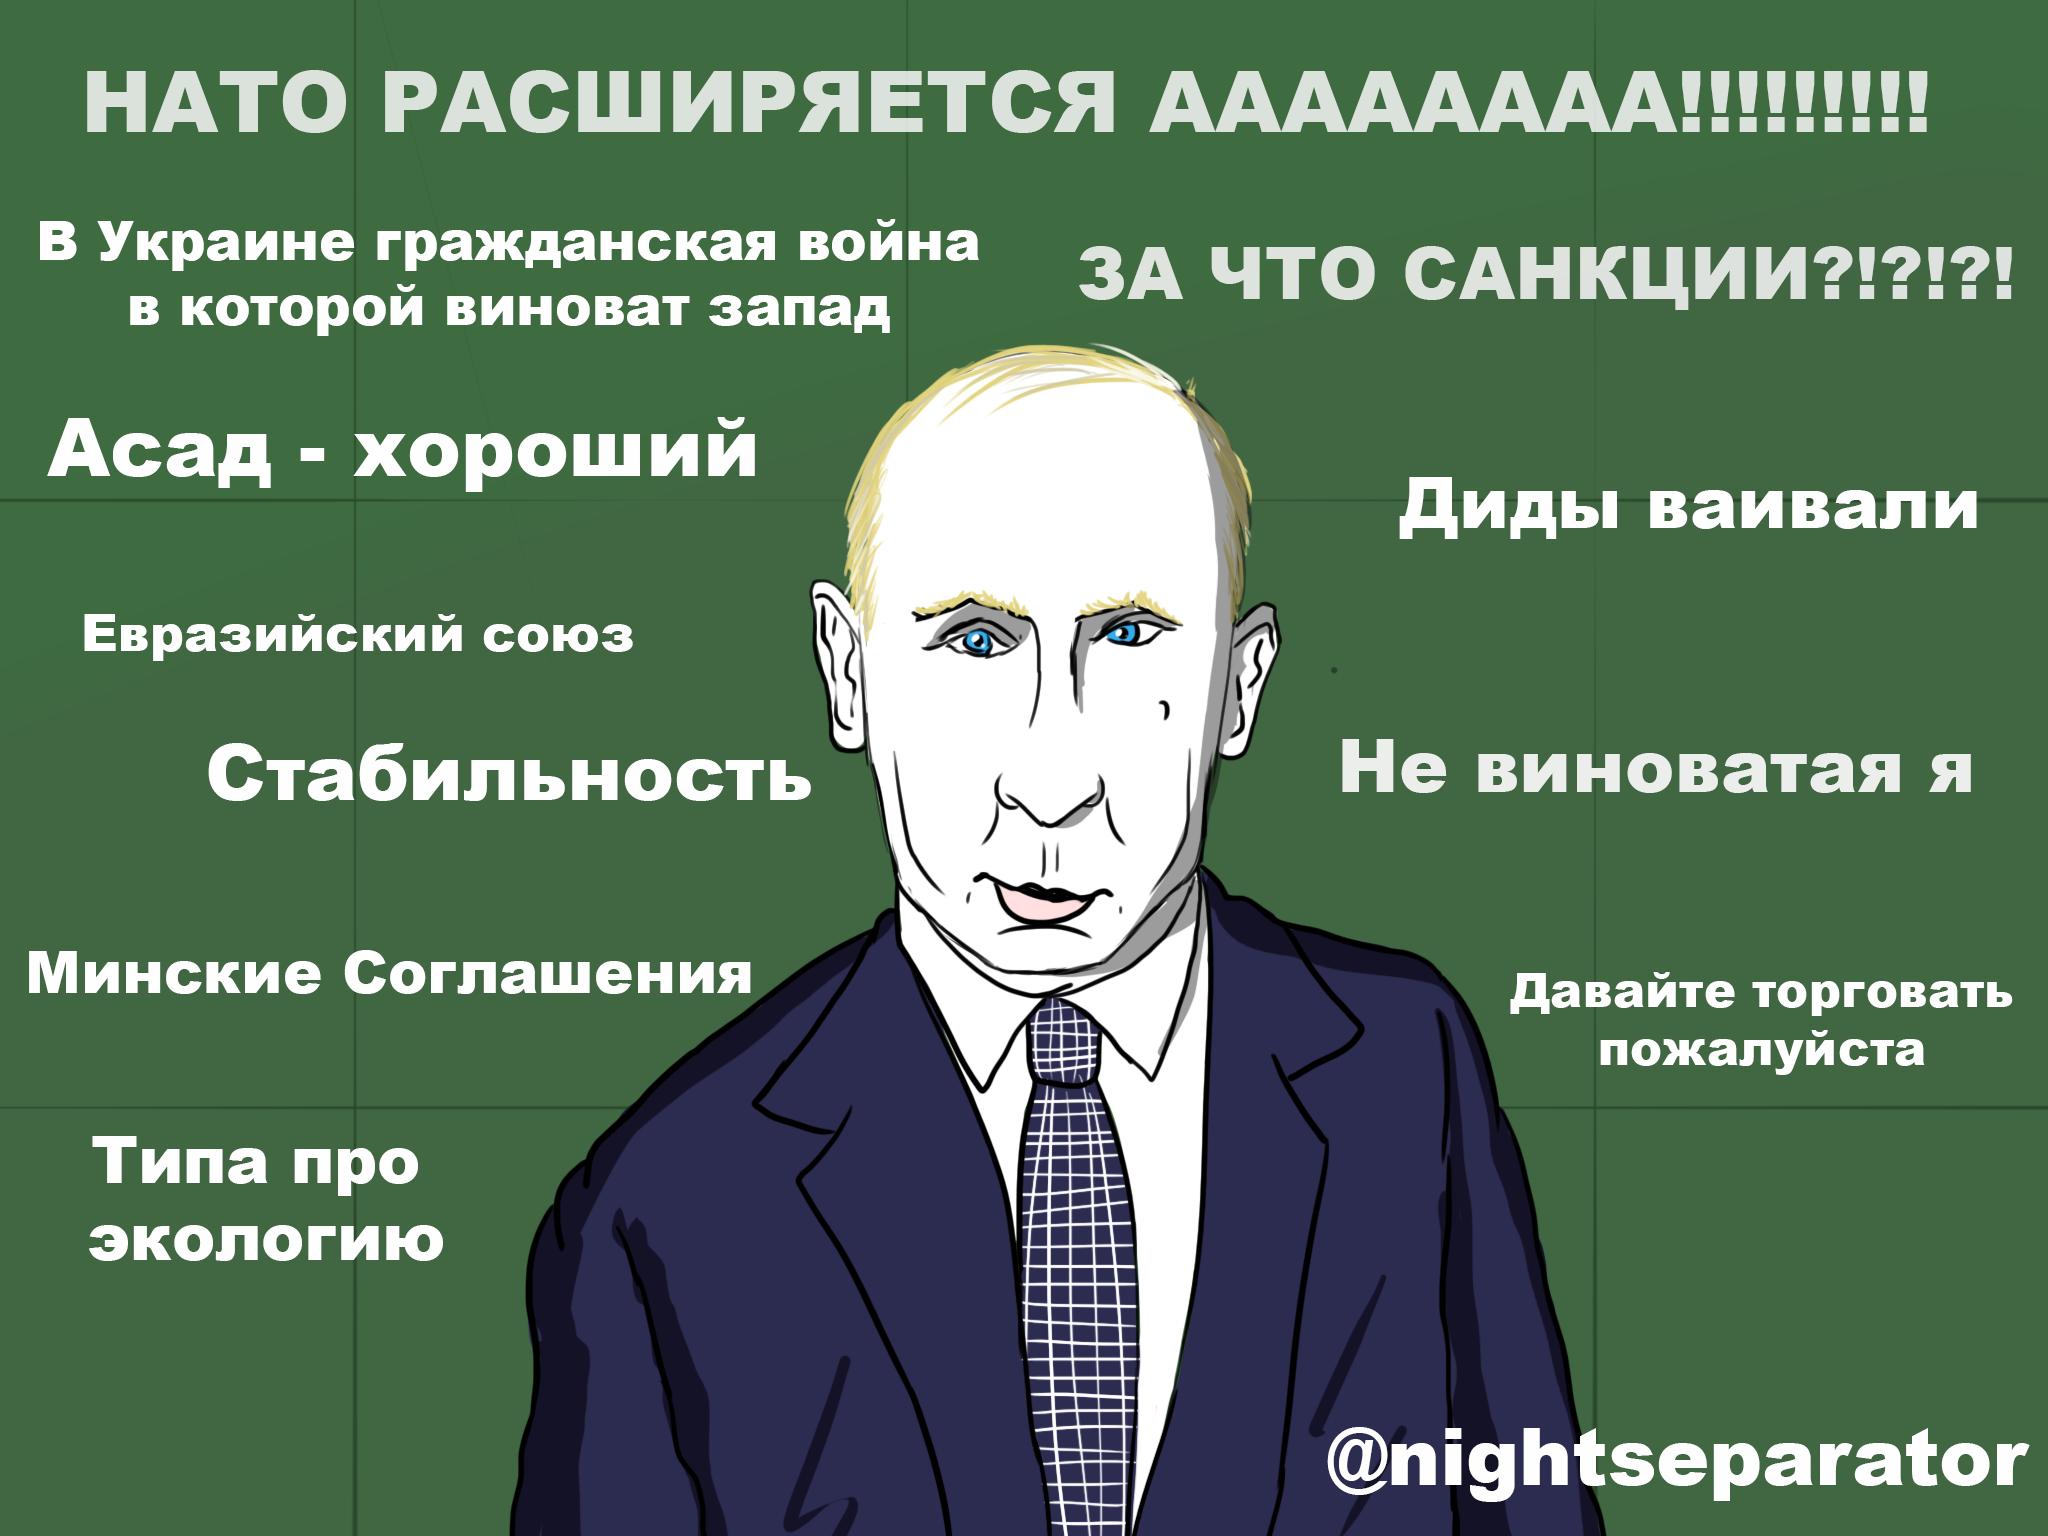 Климкин: Покинув зал ООН, украинская делегация показала отношение к РФ и выступлению Путина - Цензор.НЕТ 3353